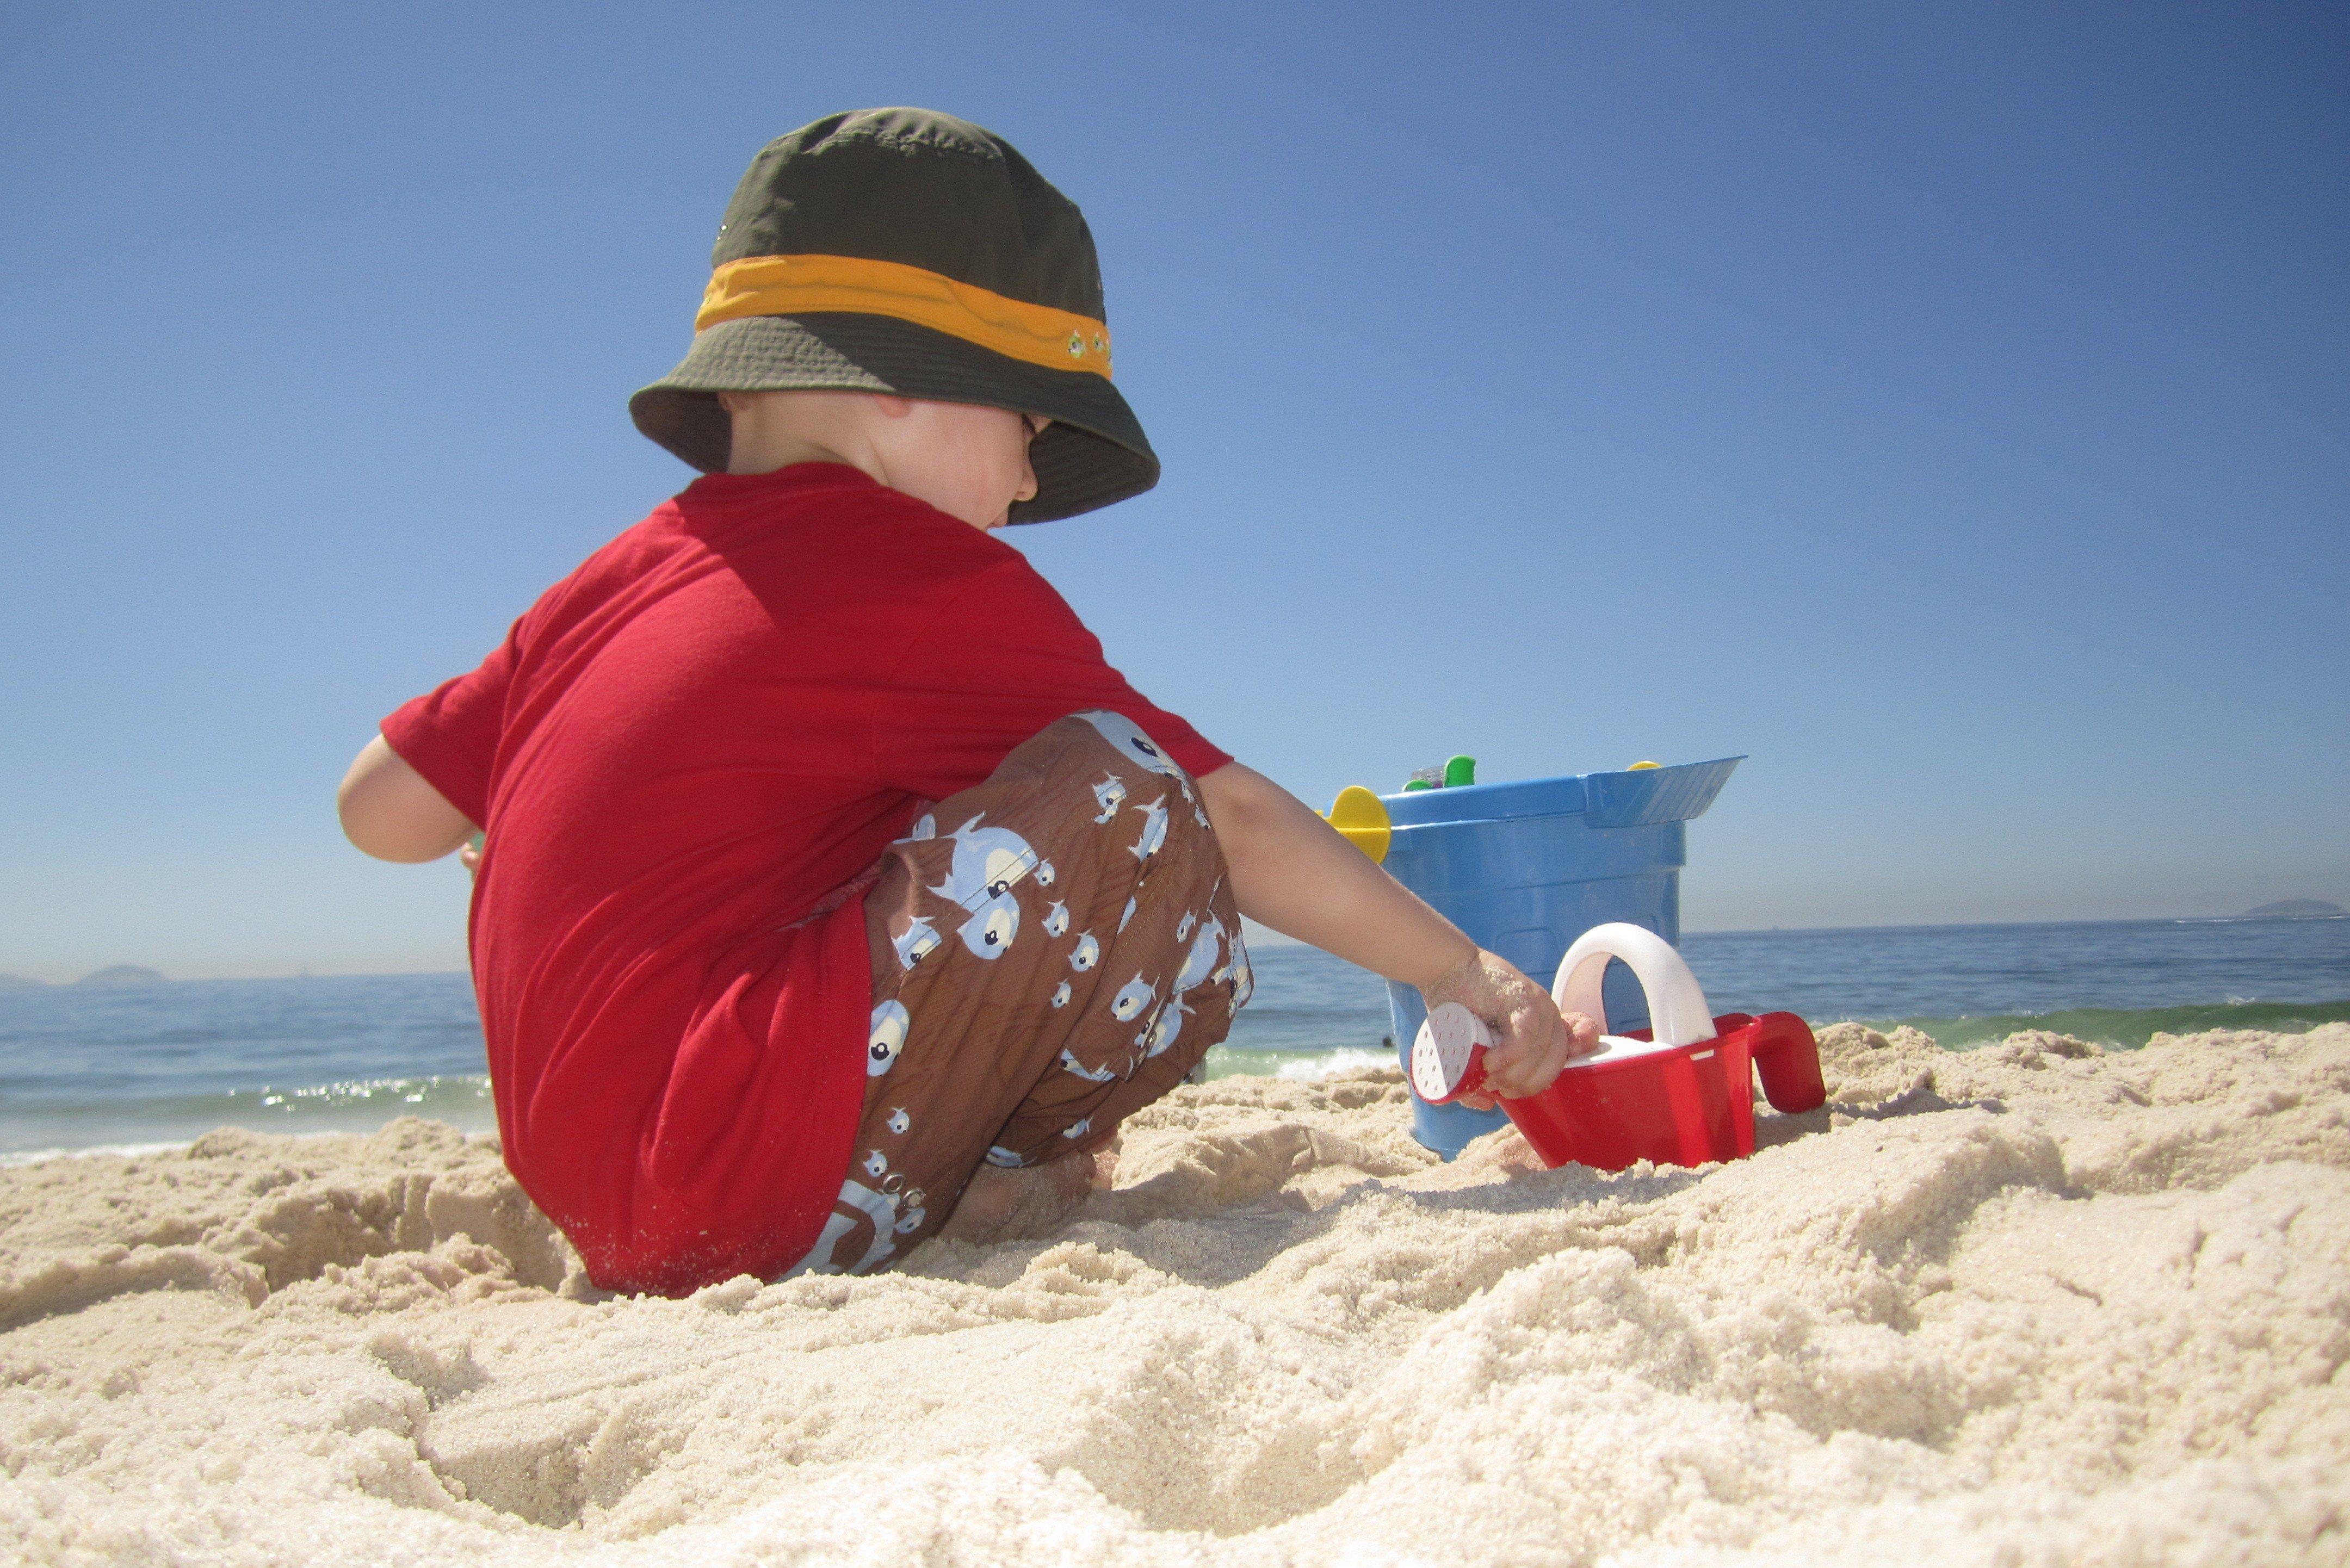 Sonnenbad ohne Konsequenzen: Kind mit Sonnenschutzbekleidung am Strand © KidsAway